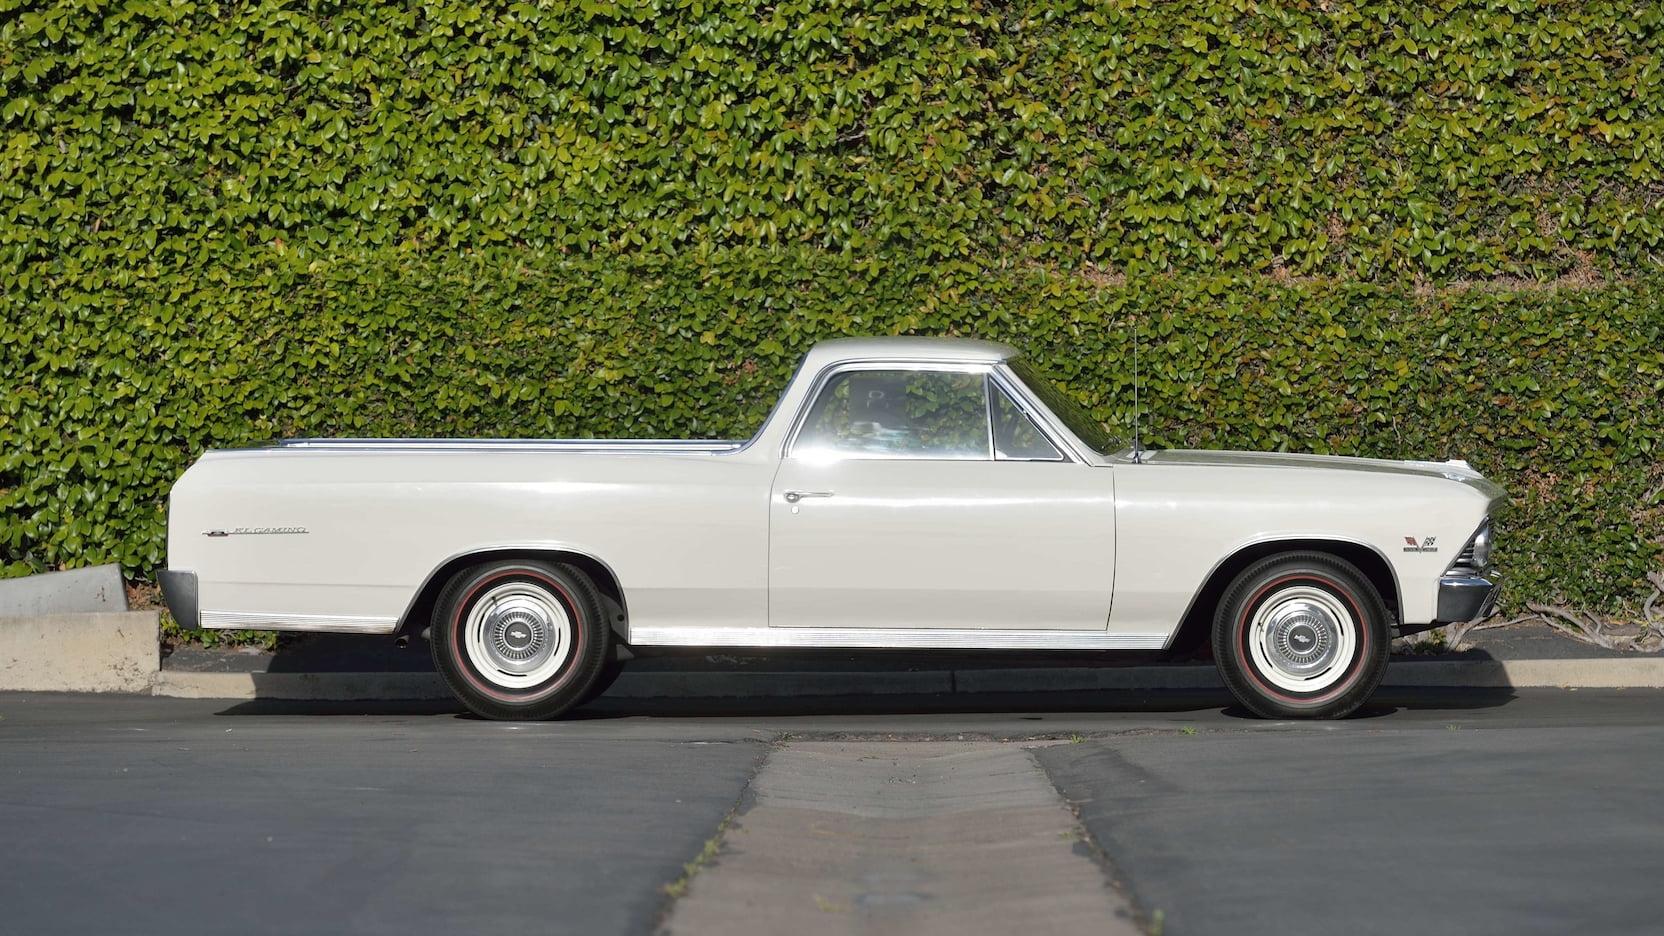 1966 Chevrolet El Camino side